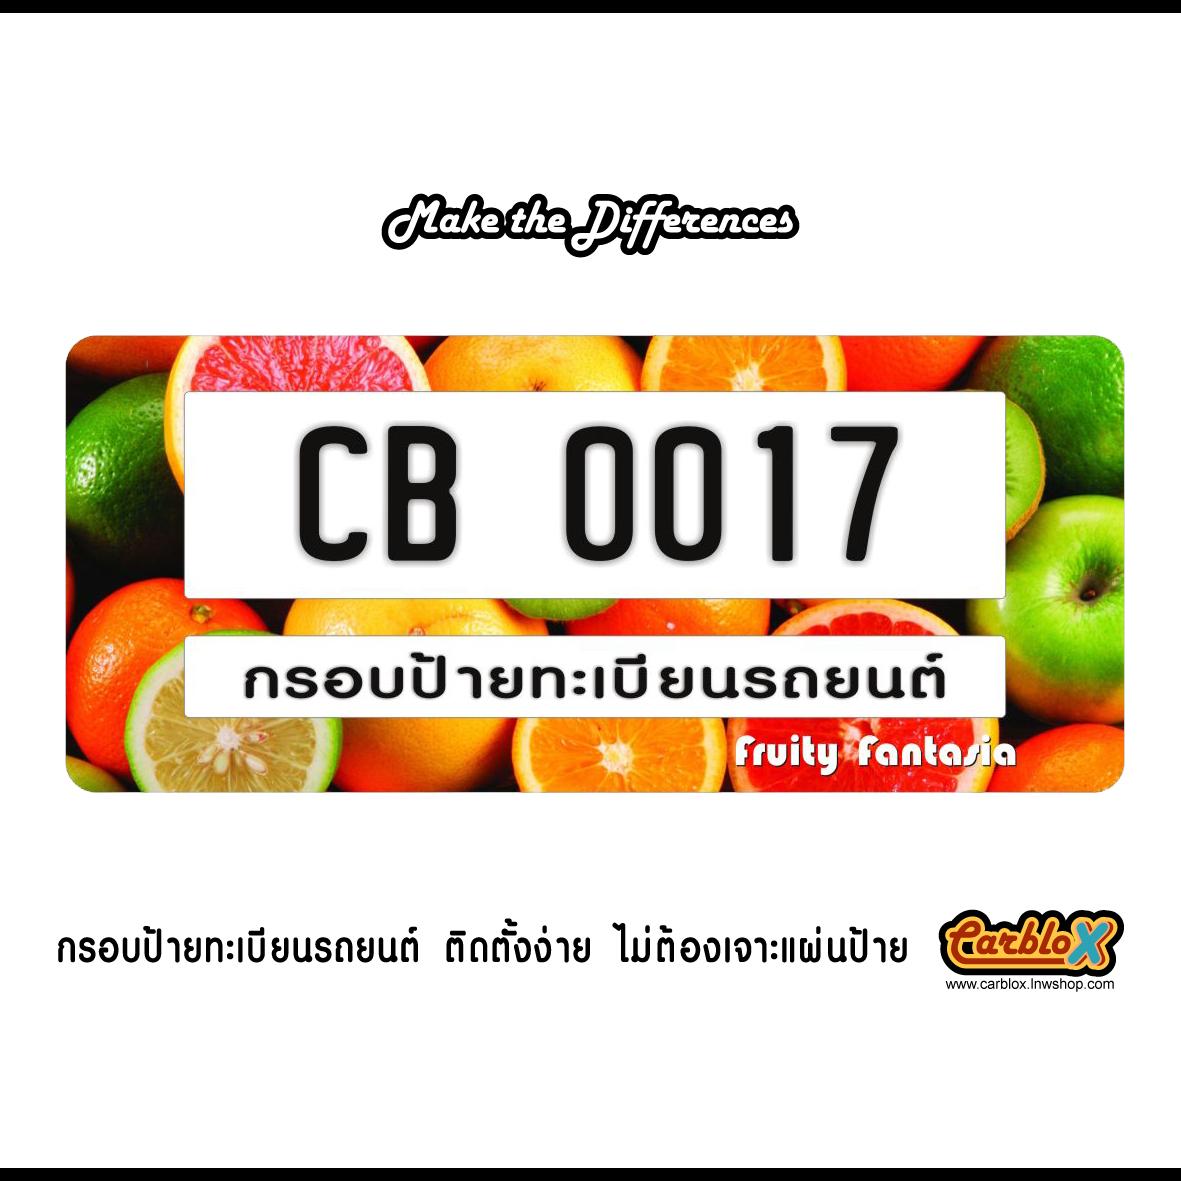 กรอบป้ายทะเบียนรถยนต์ CARBLOX ระหัส CB 0017 ลายผลไม้ FRUITS.